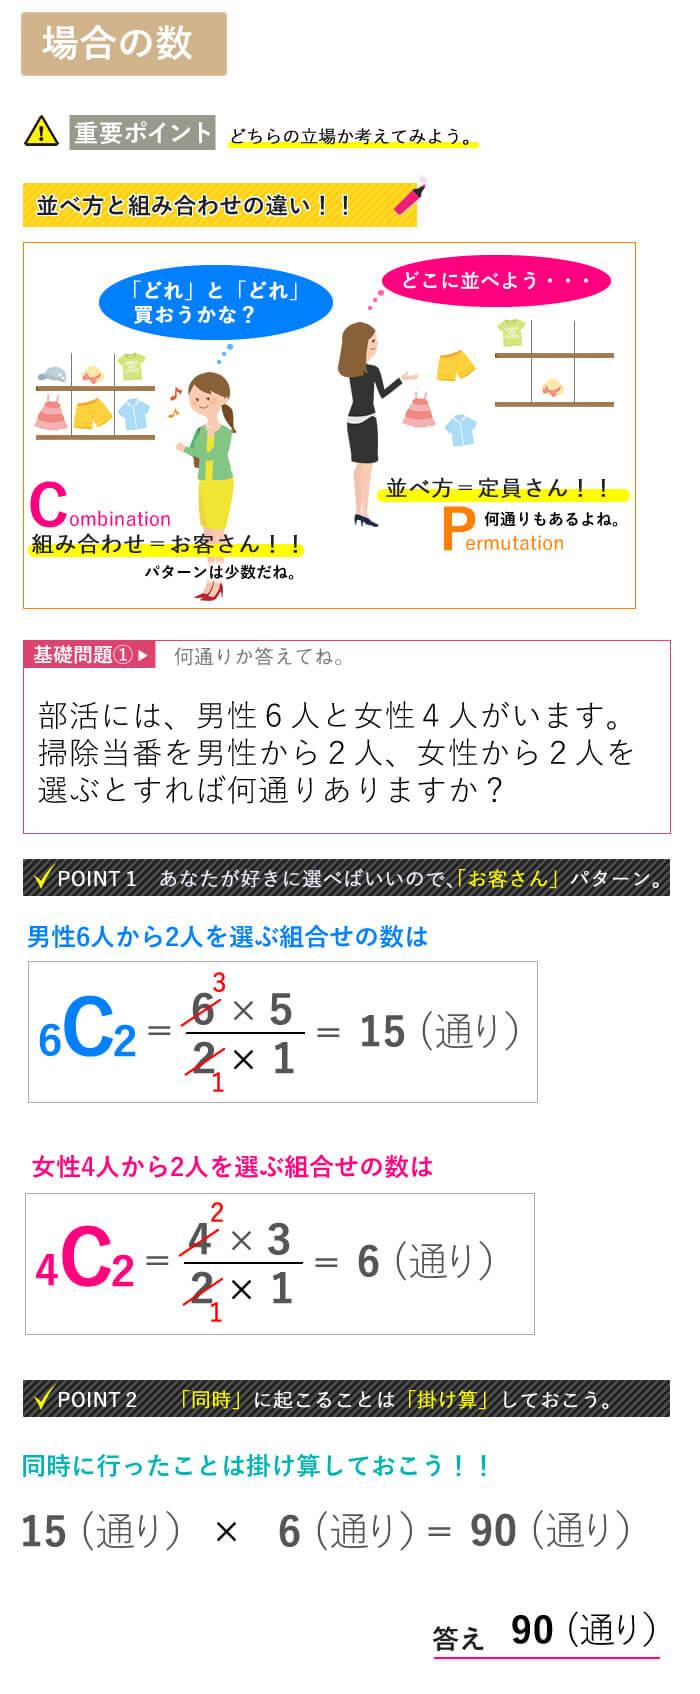 看護予備校大阪KAZアカデミーの場合の数問題説明その2画像